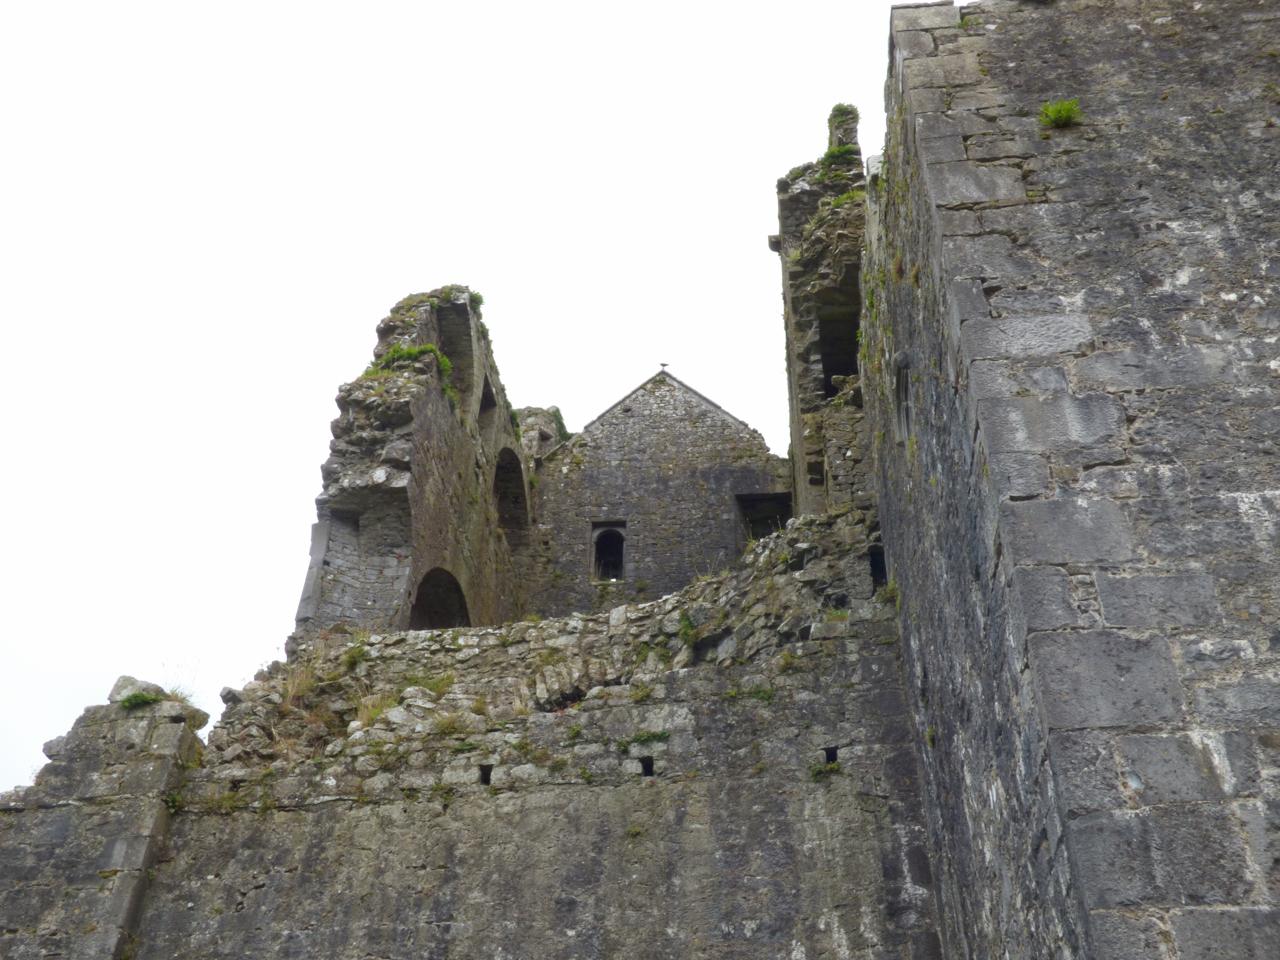 Rock of Cashel ruins